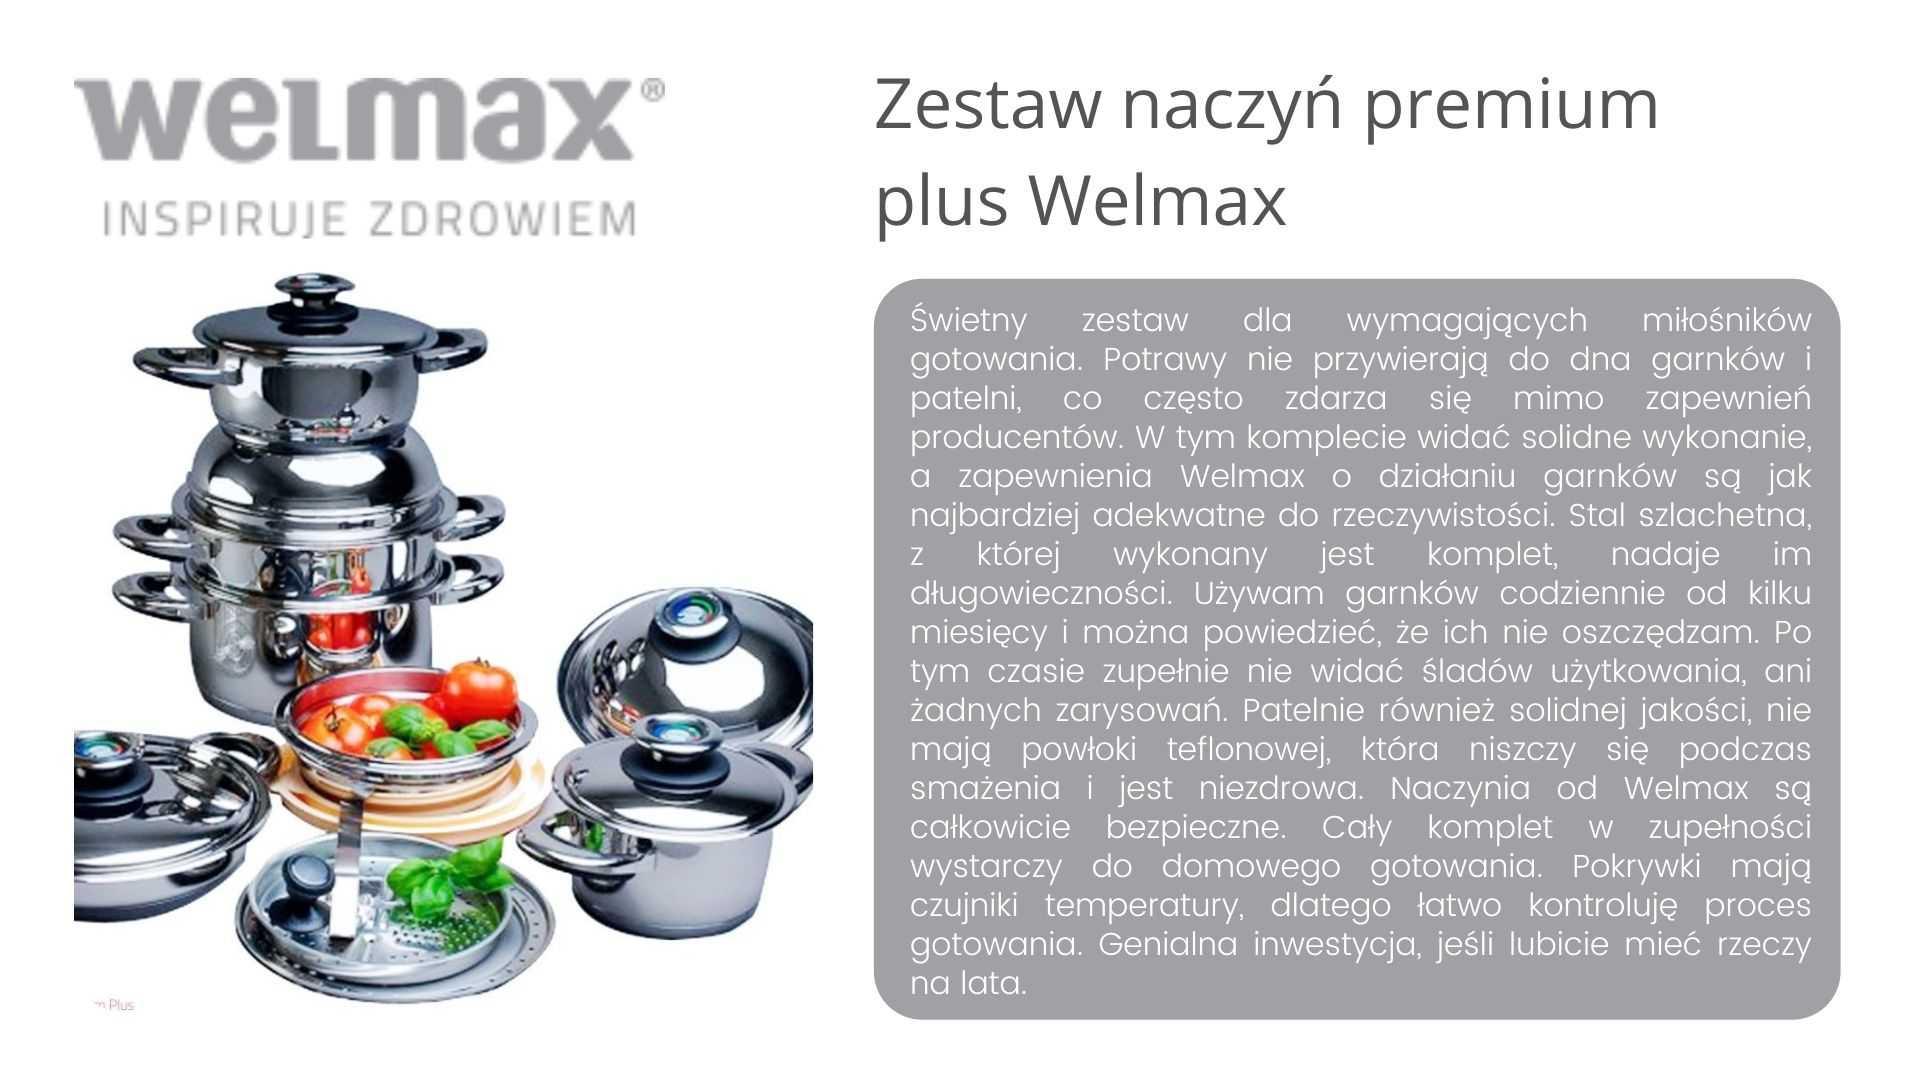 Zestaw naczyń Welmax opinie